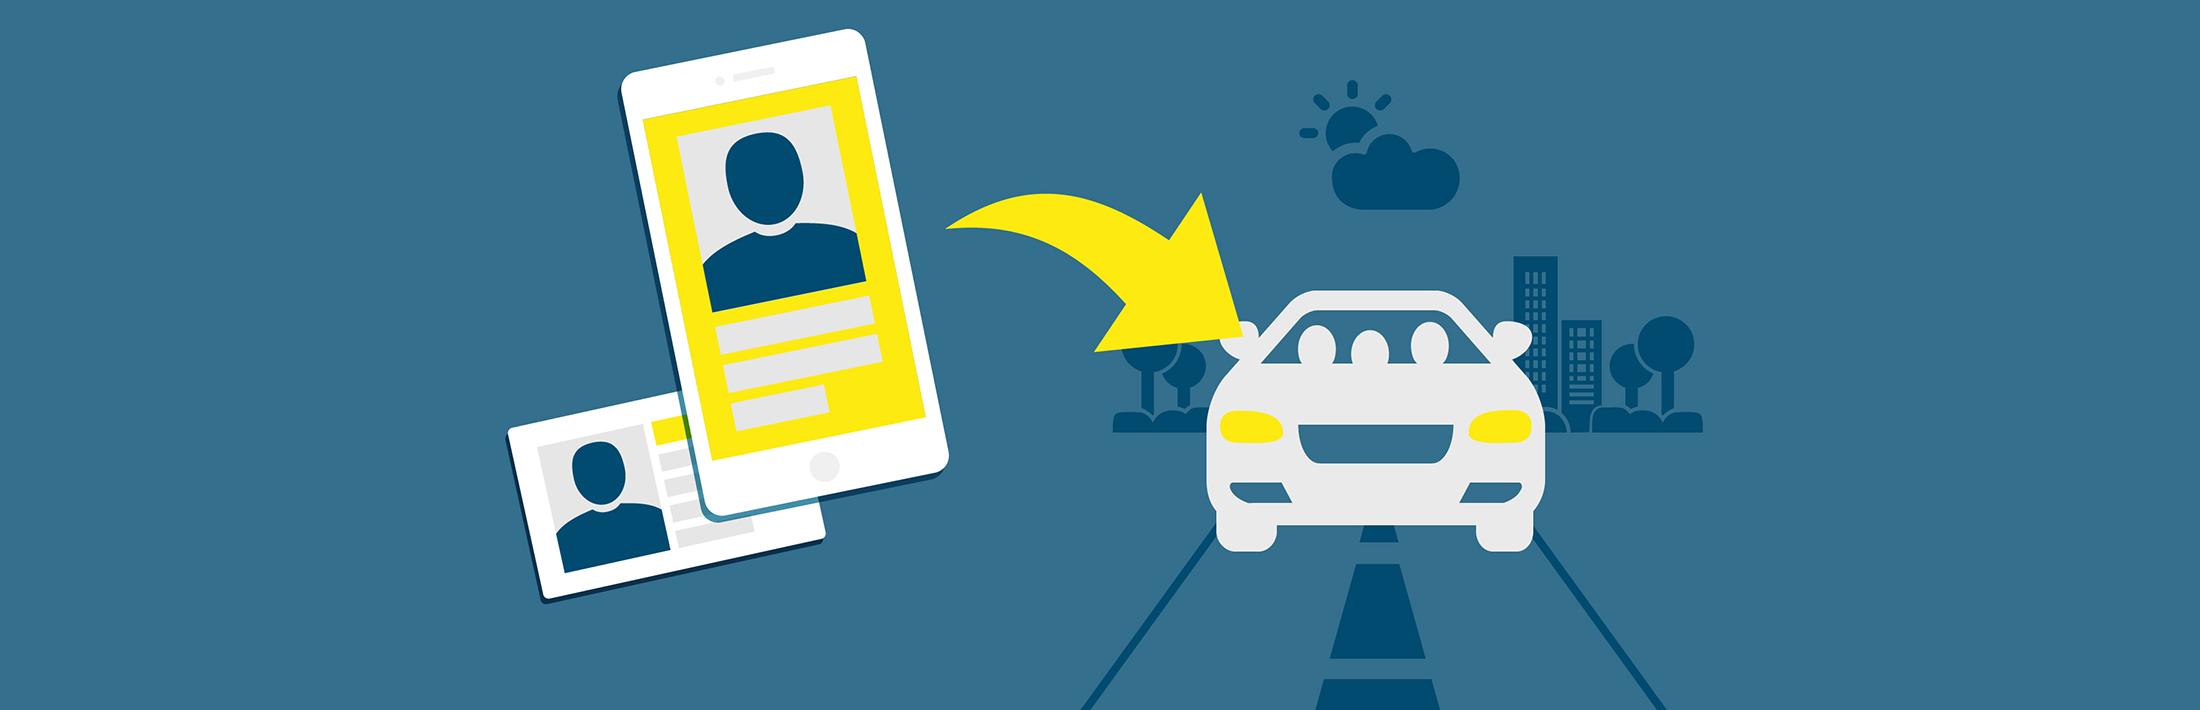 Otključajte vozilo preko aplikacije ili kartice, uđite i odvezite se. Nakon završetka vožnje, jednostavno ga ponovo zatvorite putem aplikacije ili kartice.